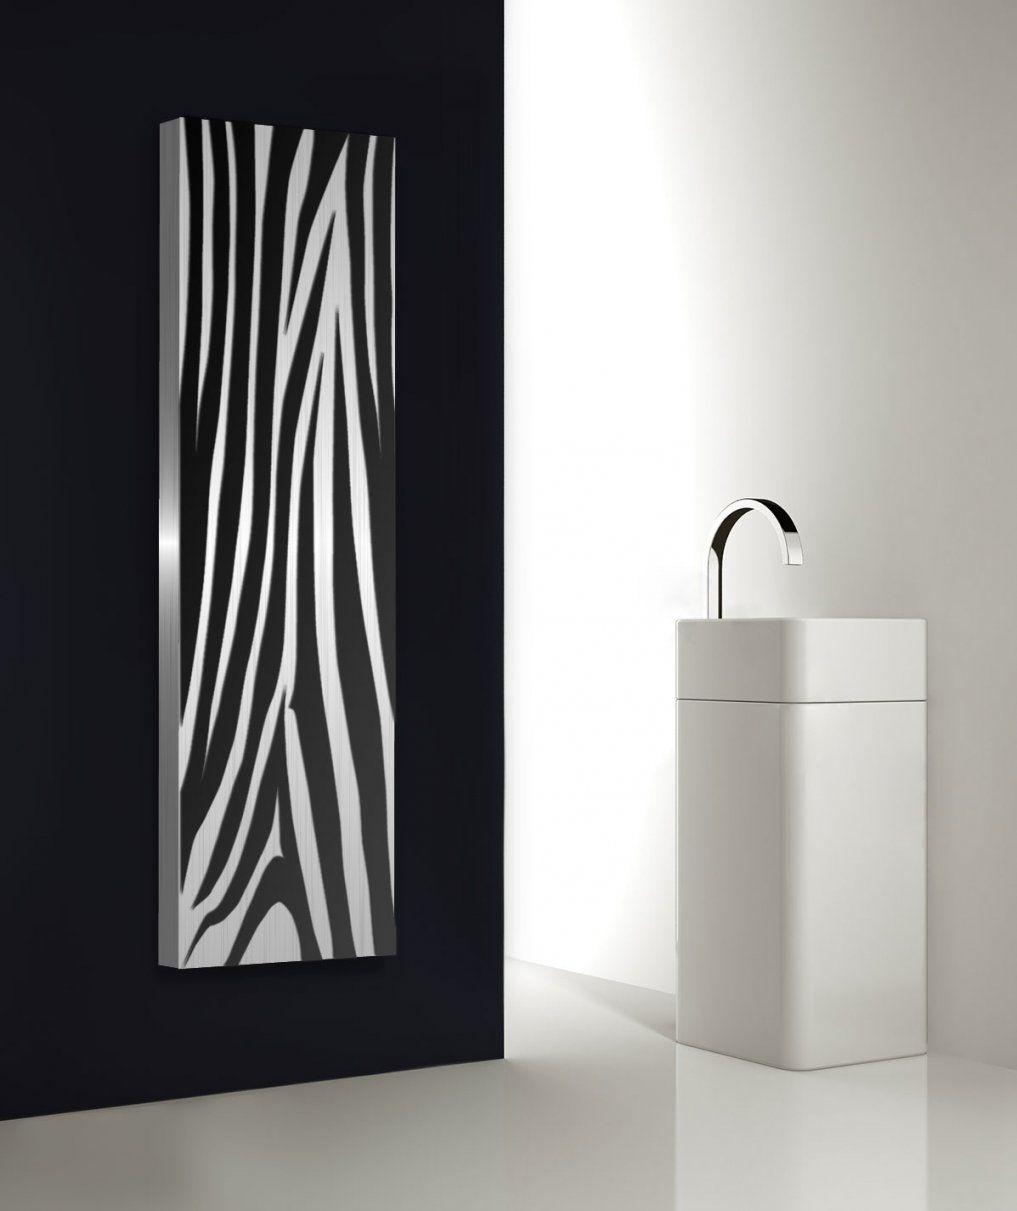 Schönste Design Heizkörper Vertikal Für Wohnzimmer Und Küche von Vertikal Heizkörper 2500 Watt Photo